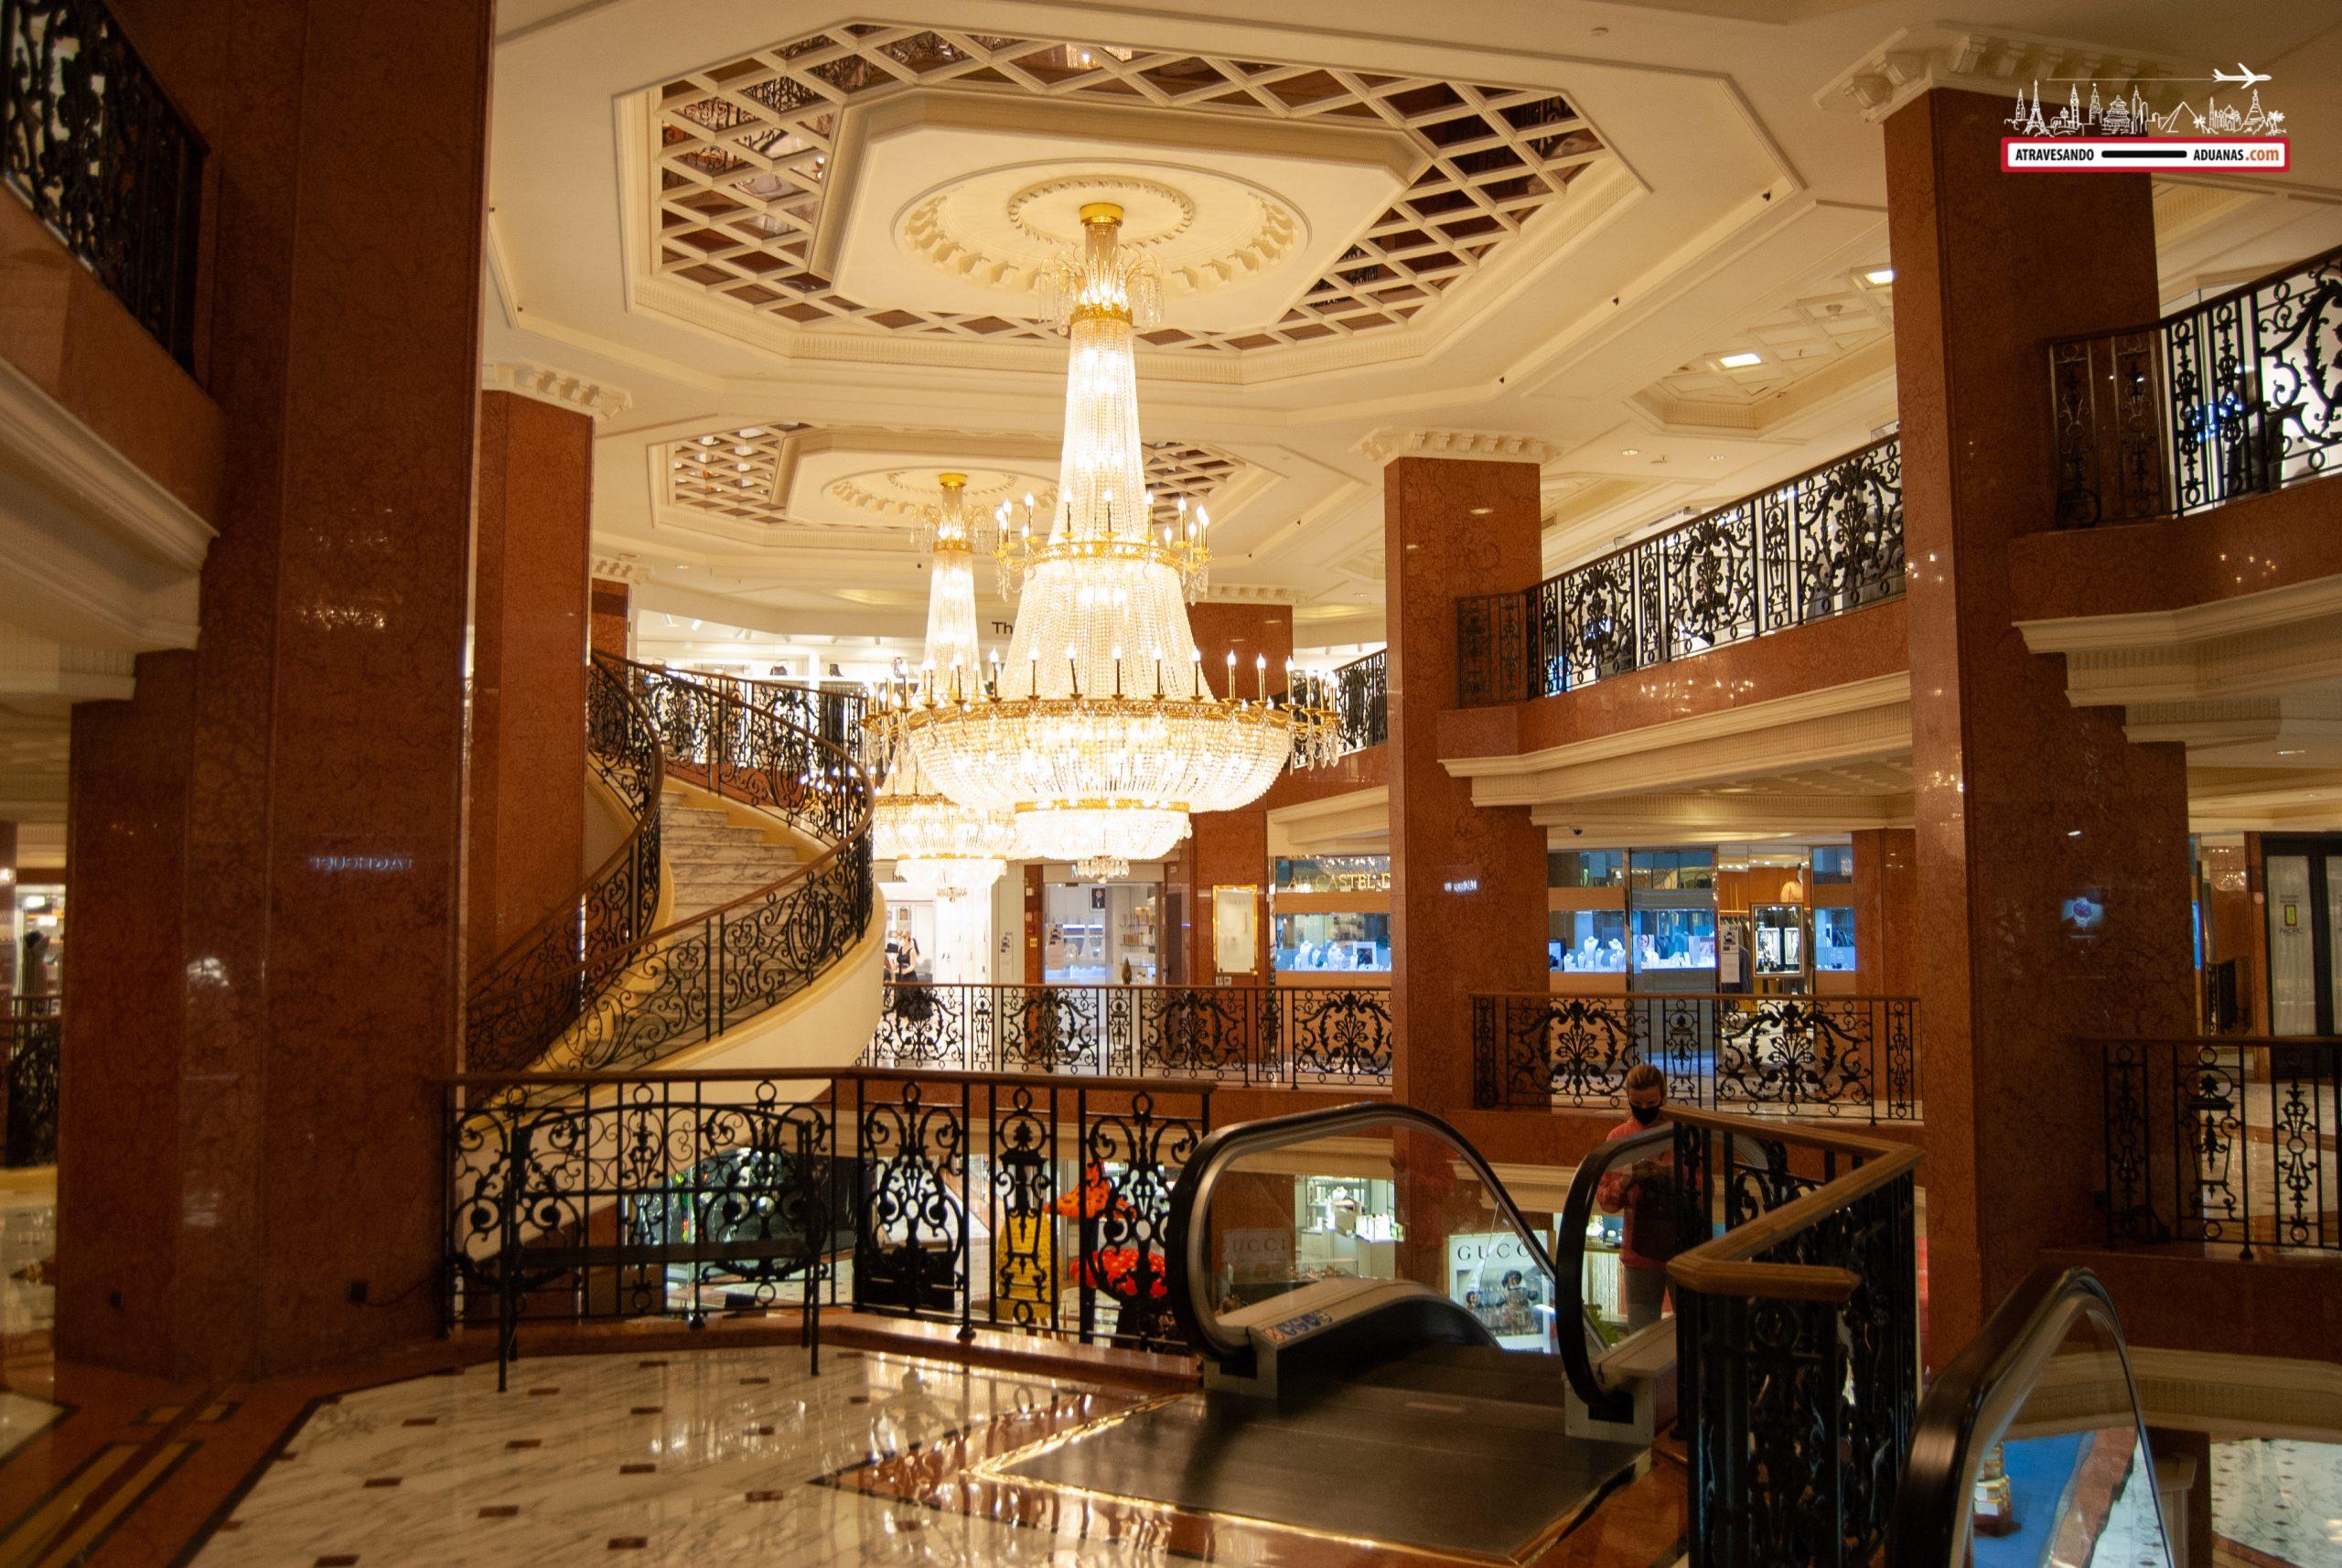 Centro comercial en Mónaco